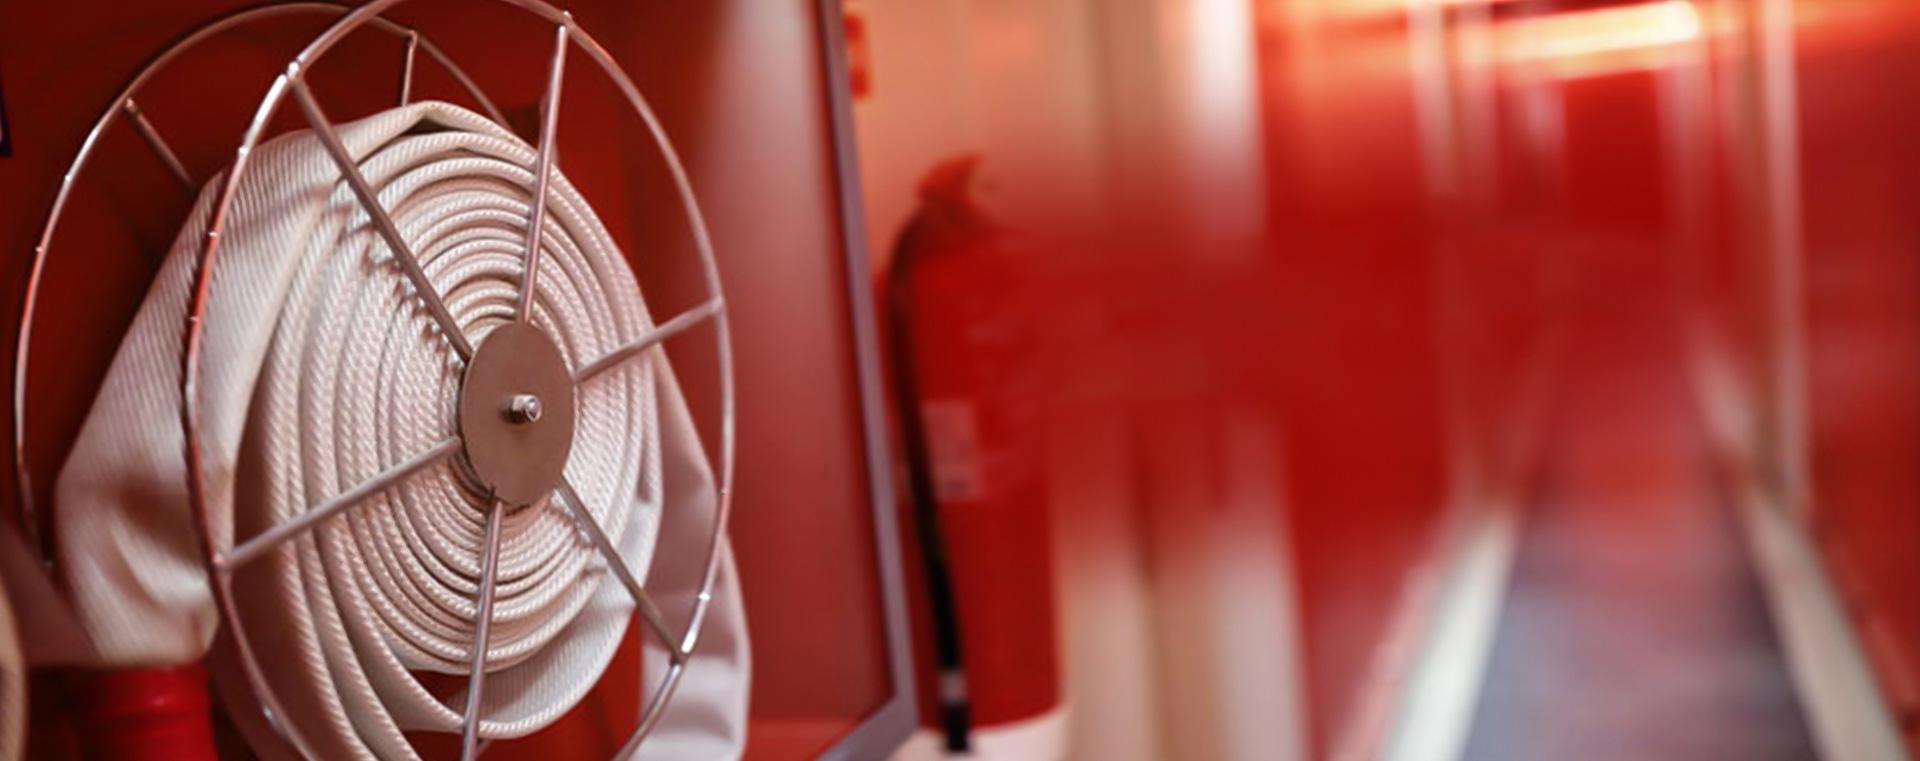 Seguridad y protección contra incendios: nuestra prioridad número uno